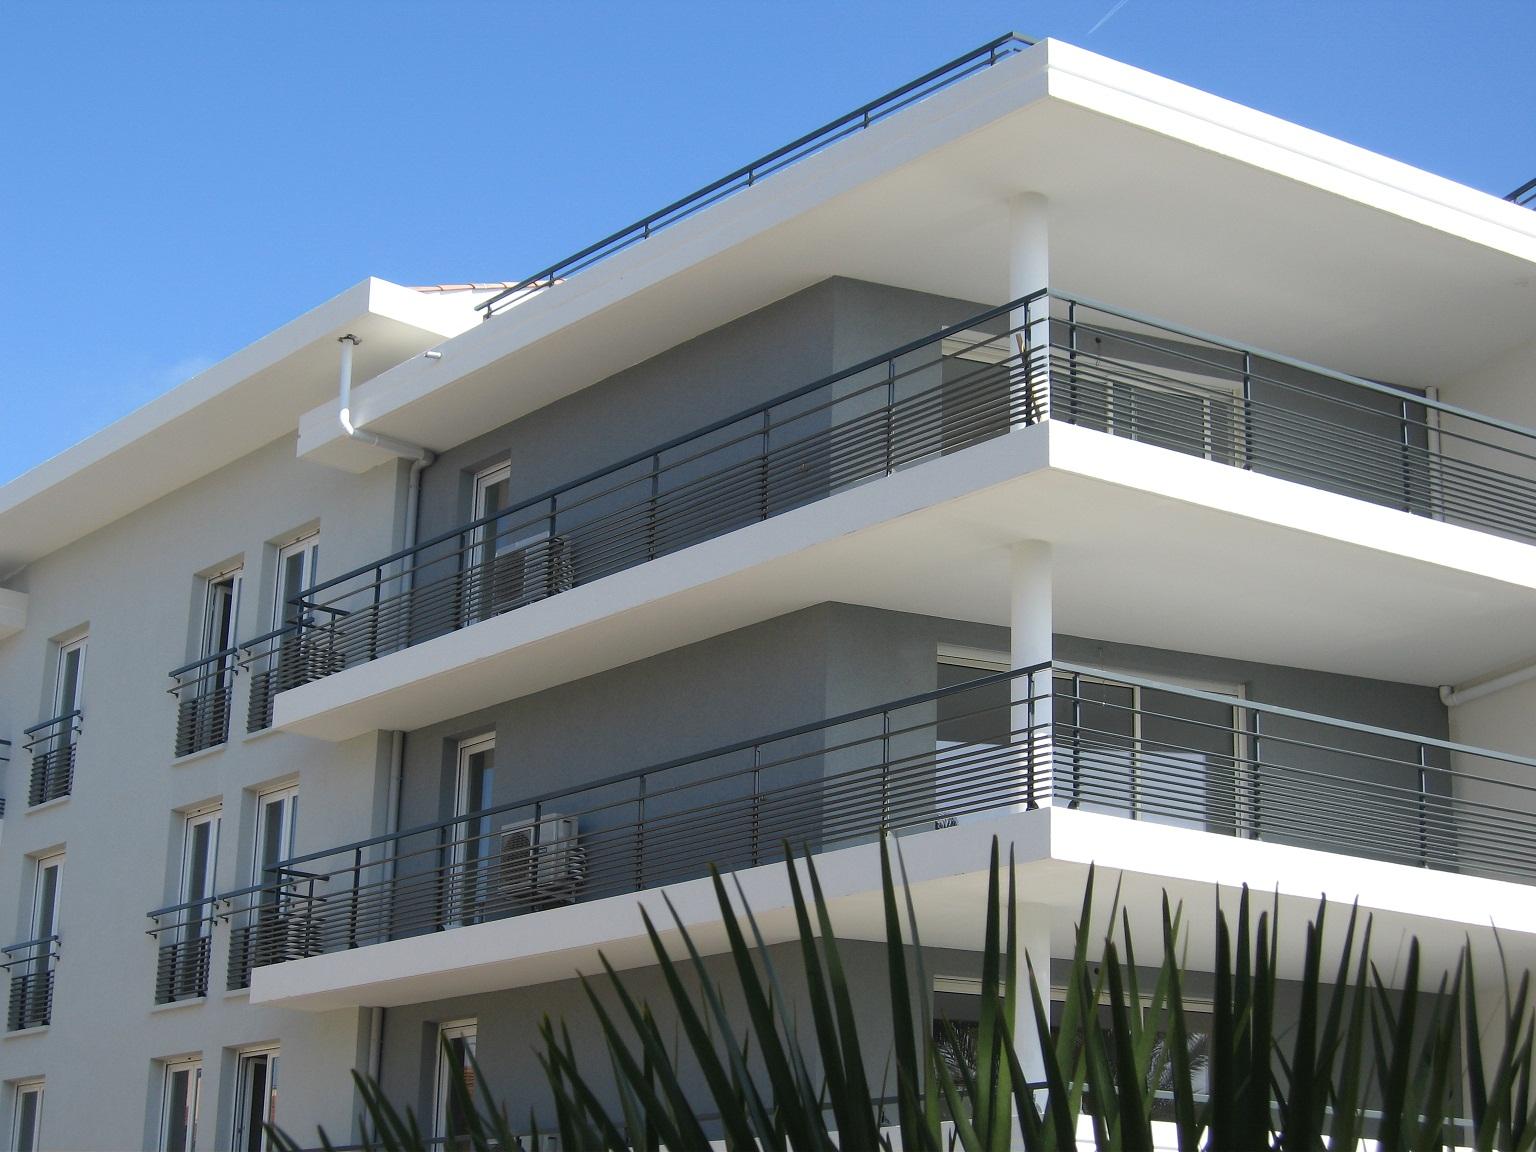 garde corps emmanuelli cma. Black Bedroom Furniture Sets. Home Design Ideas